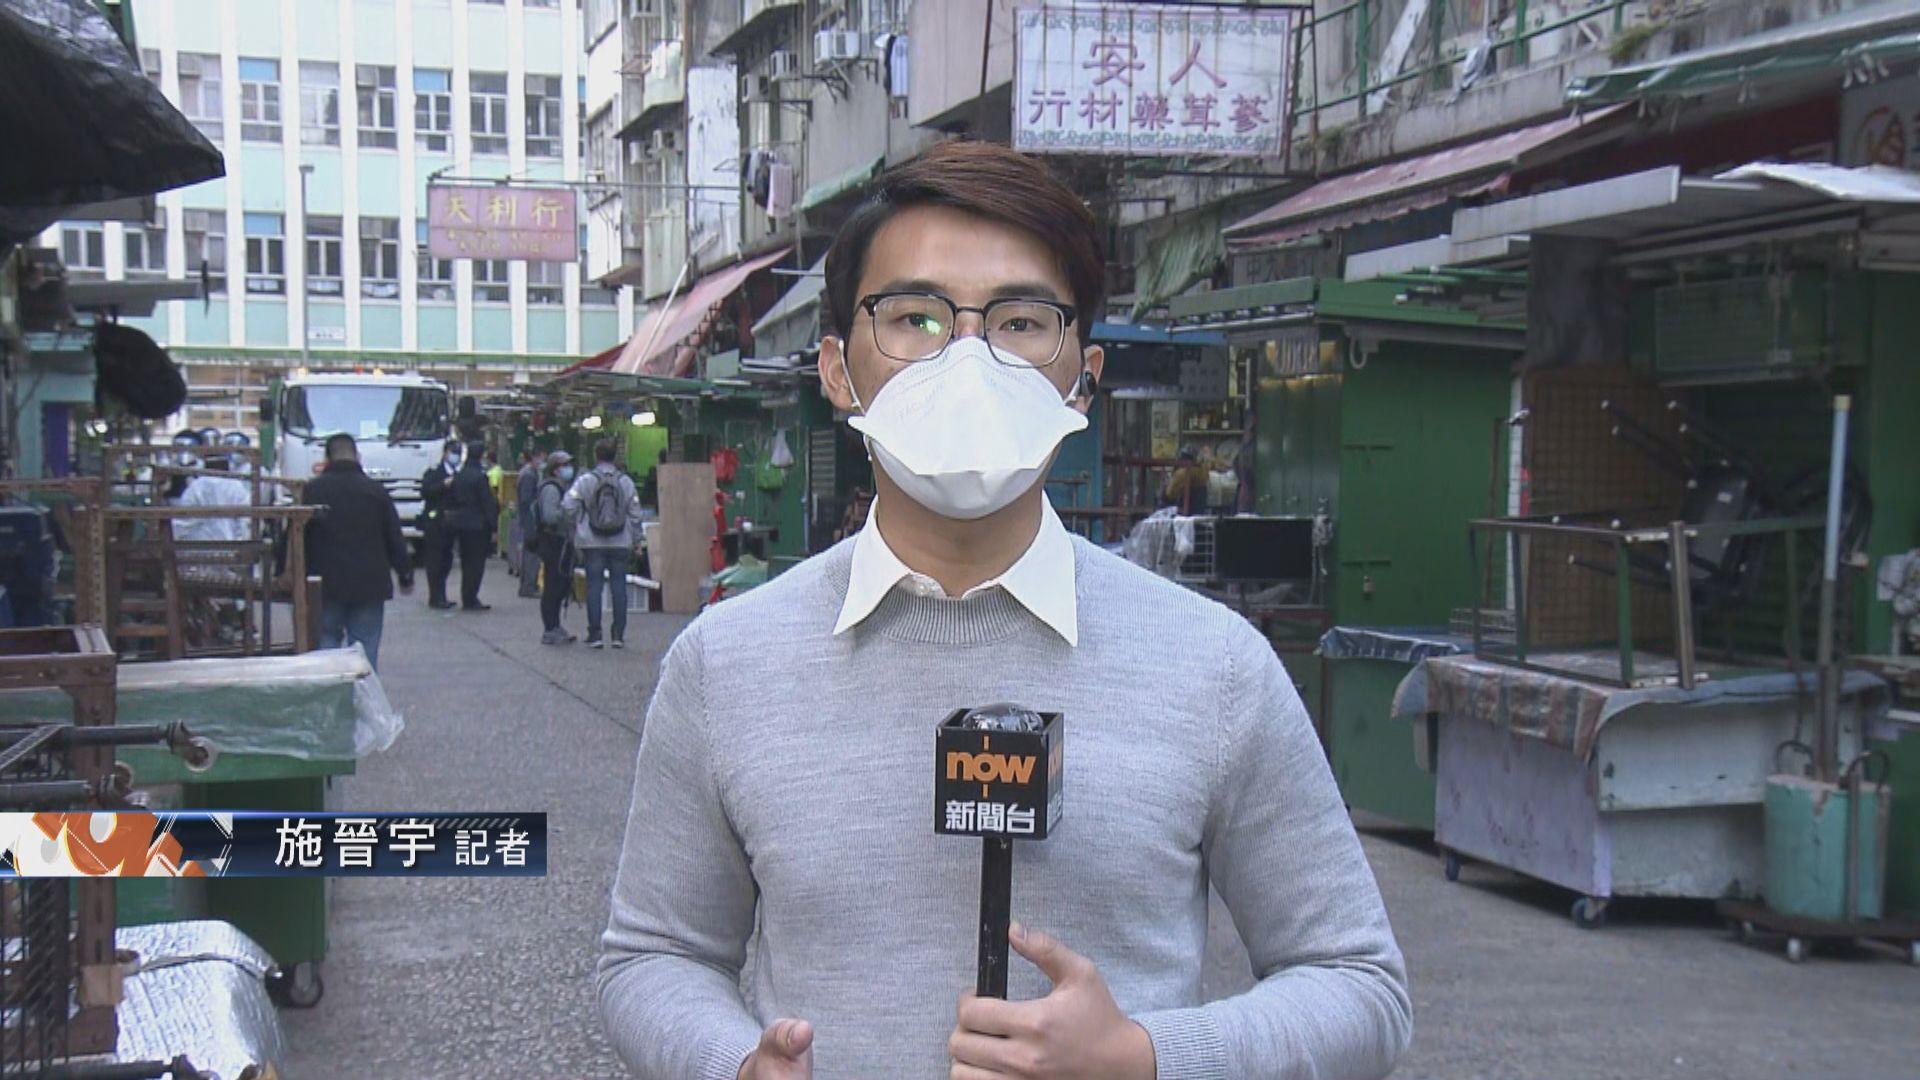 【佐敦直擊·現場報道】食環署職員在受限區域一帶清潔消毒